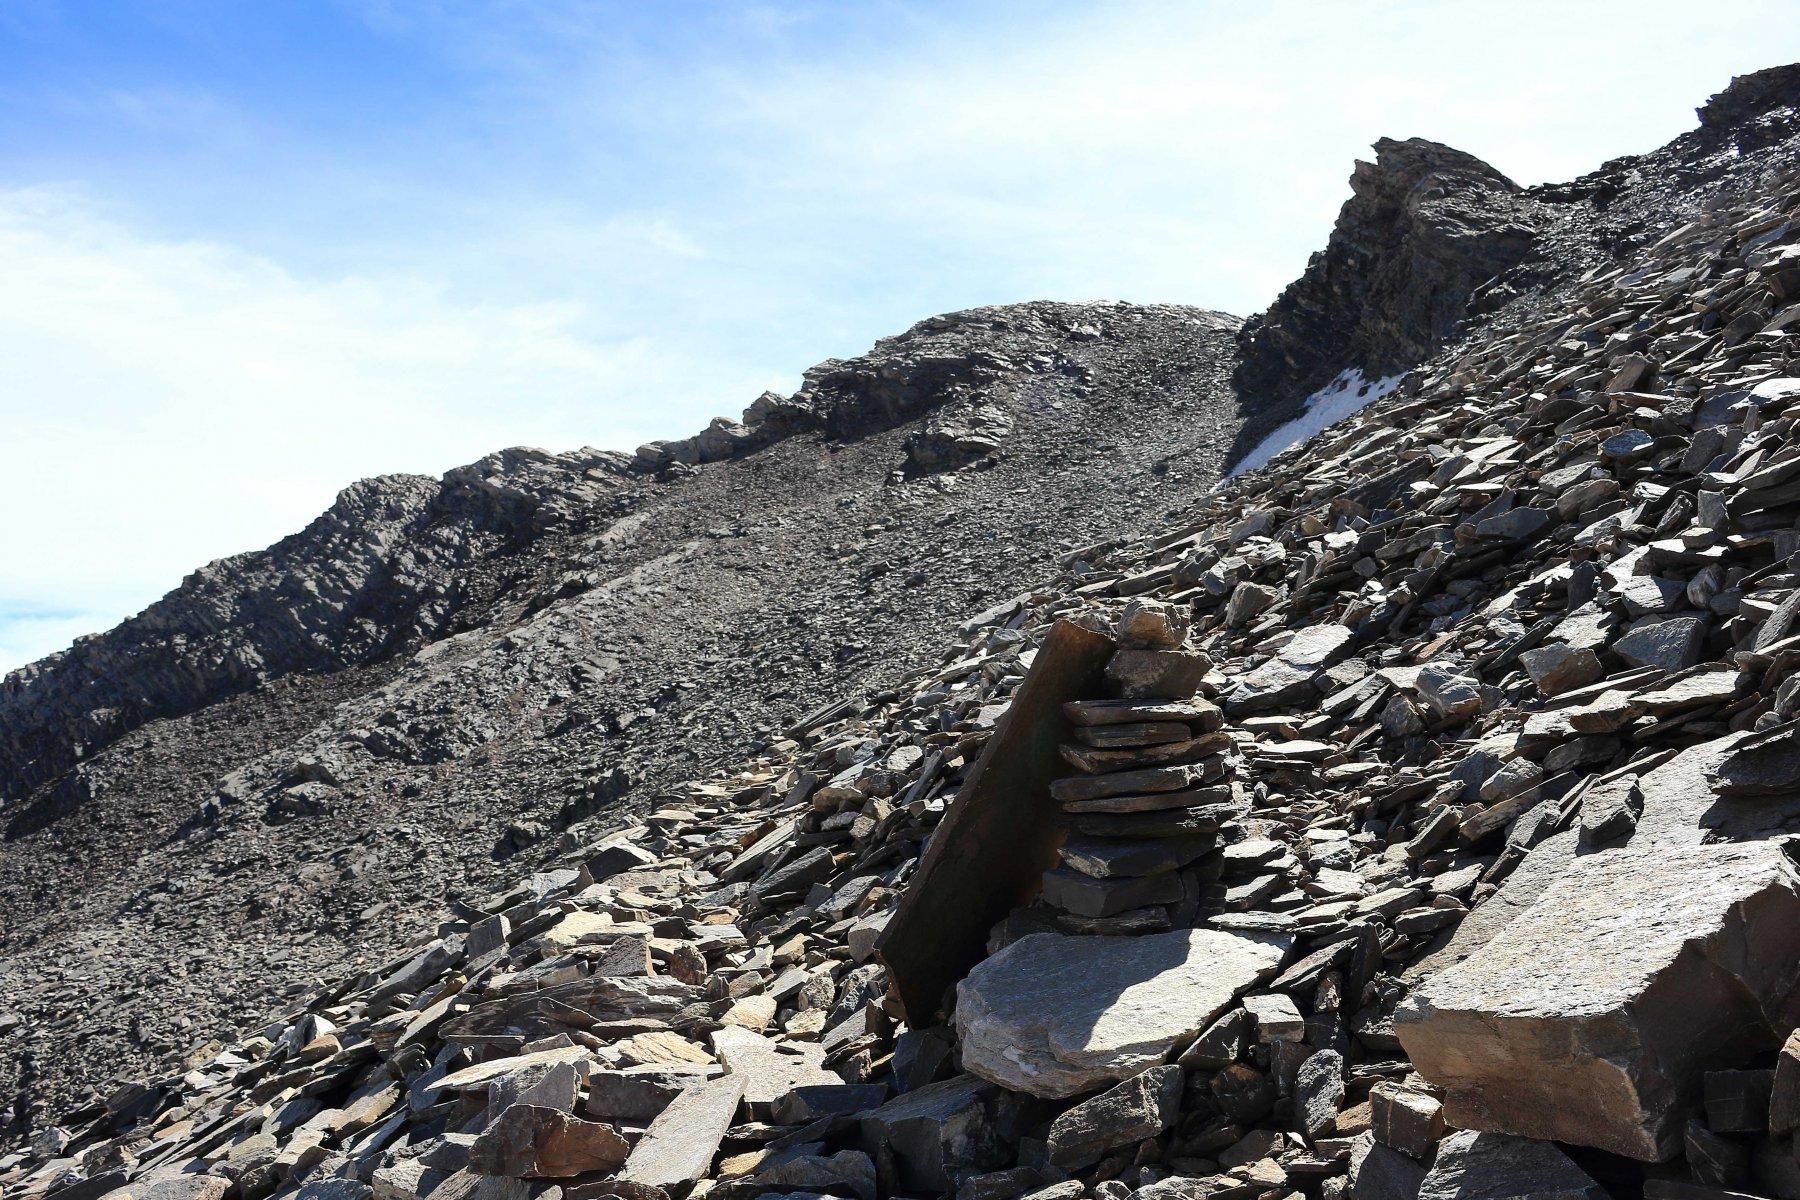 Ometto costruito nella pietraia sotto la Rocca Rossa, dove la traccia si biforca